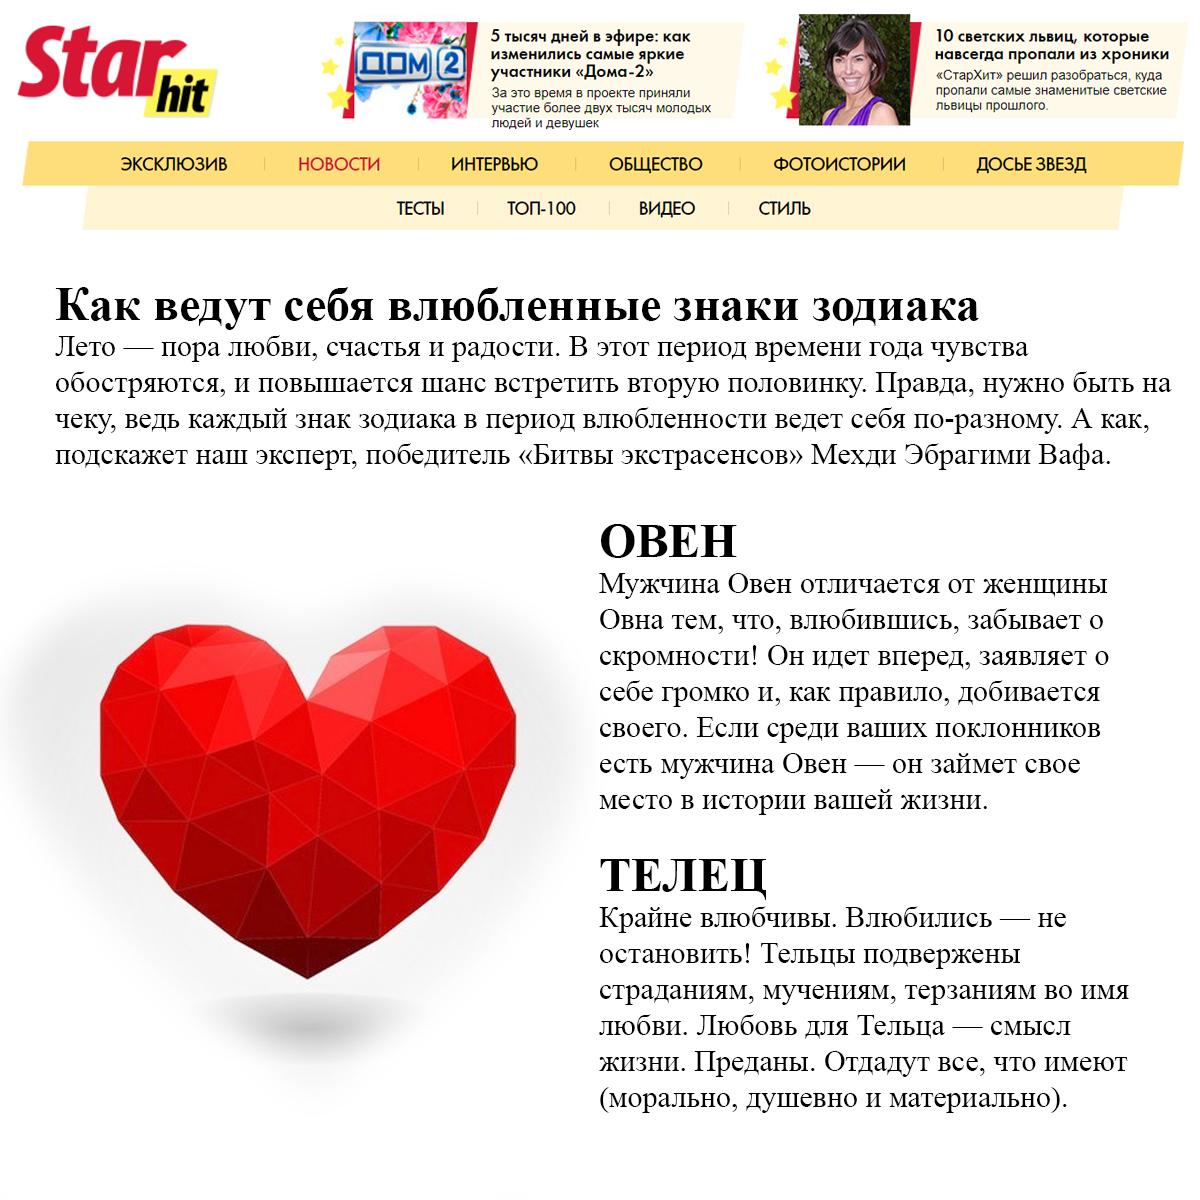 Победитель Битвы Экстрасенсов для STARHIT.RU: 'Как ведут себя влюбленные знаки зодиака'